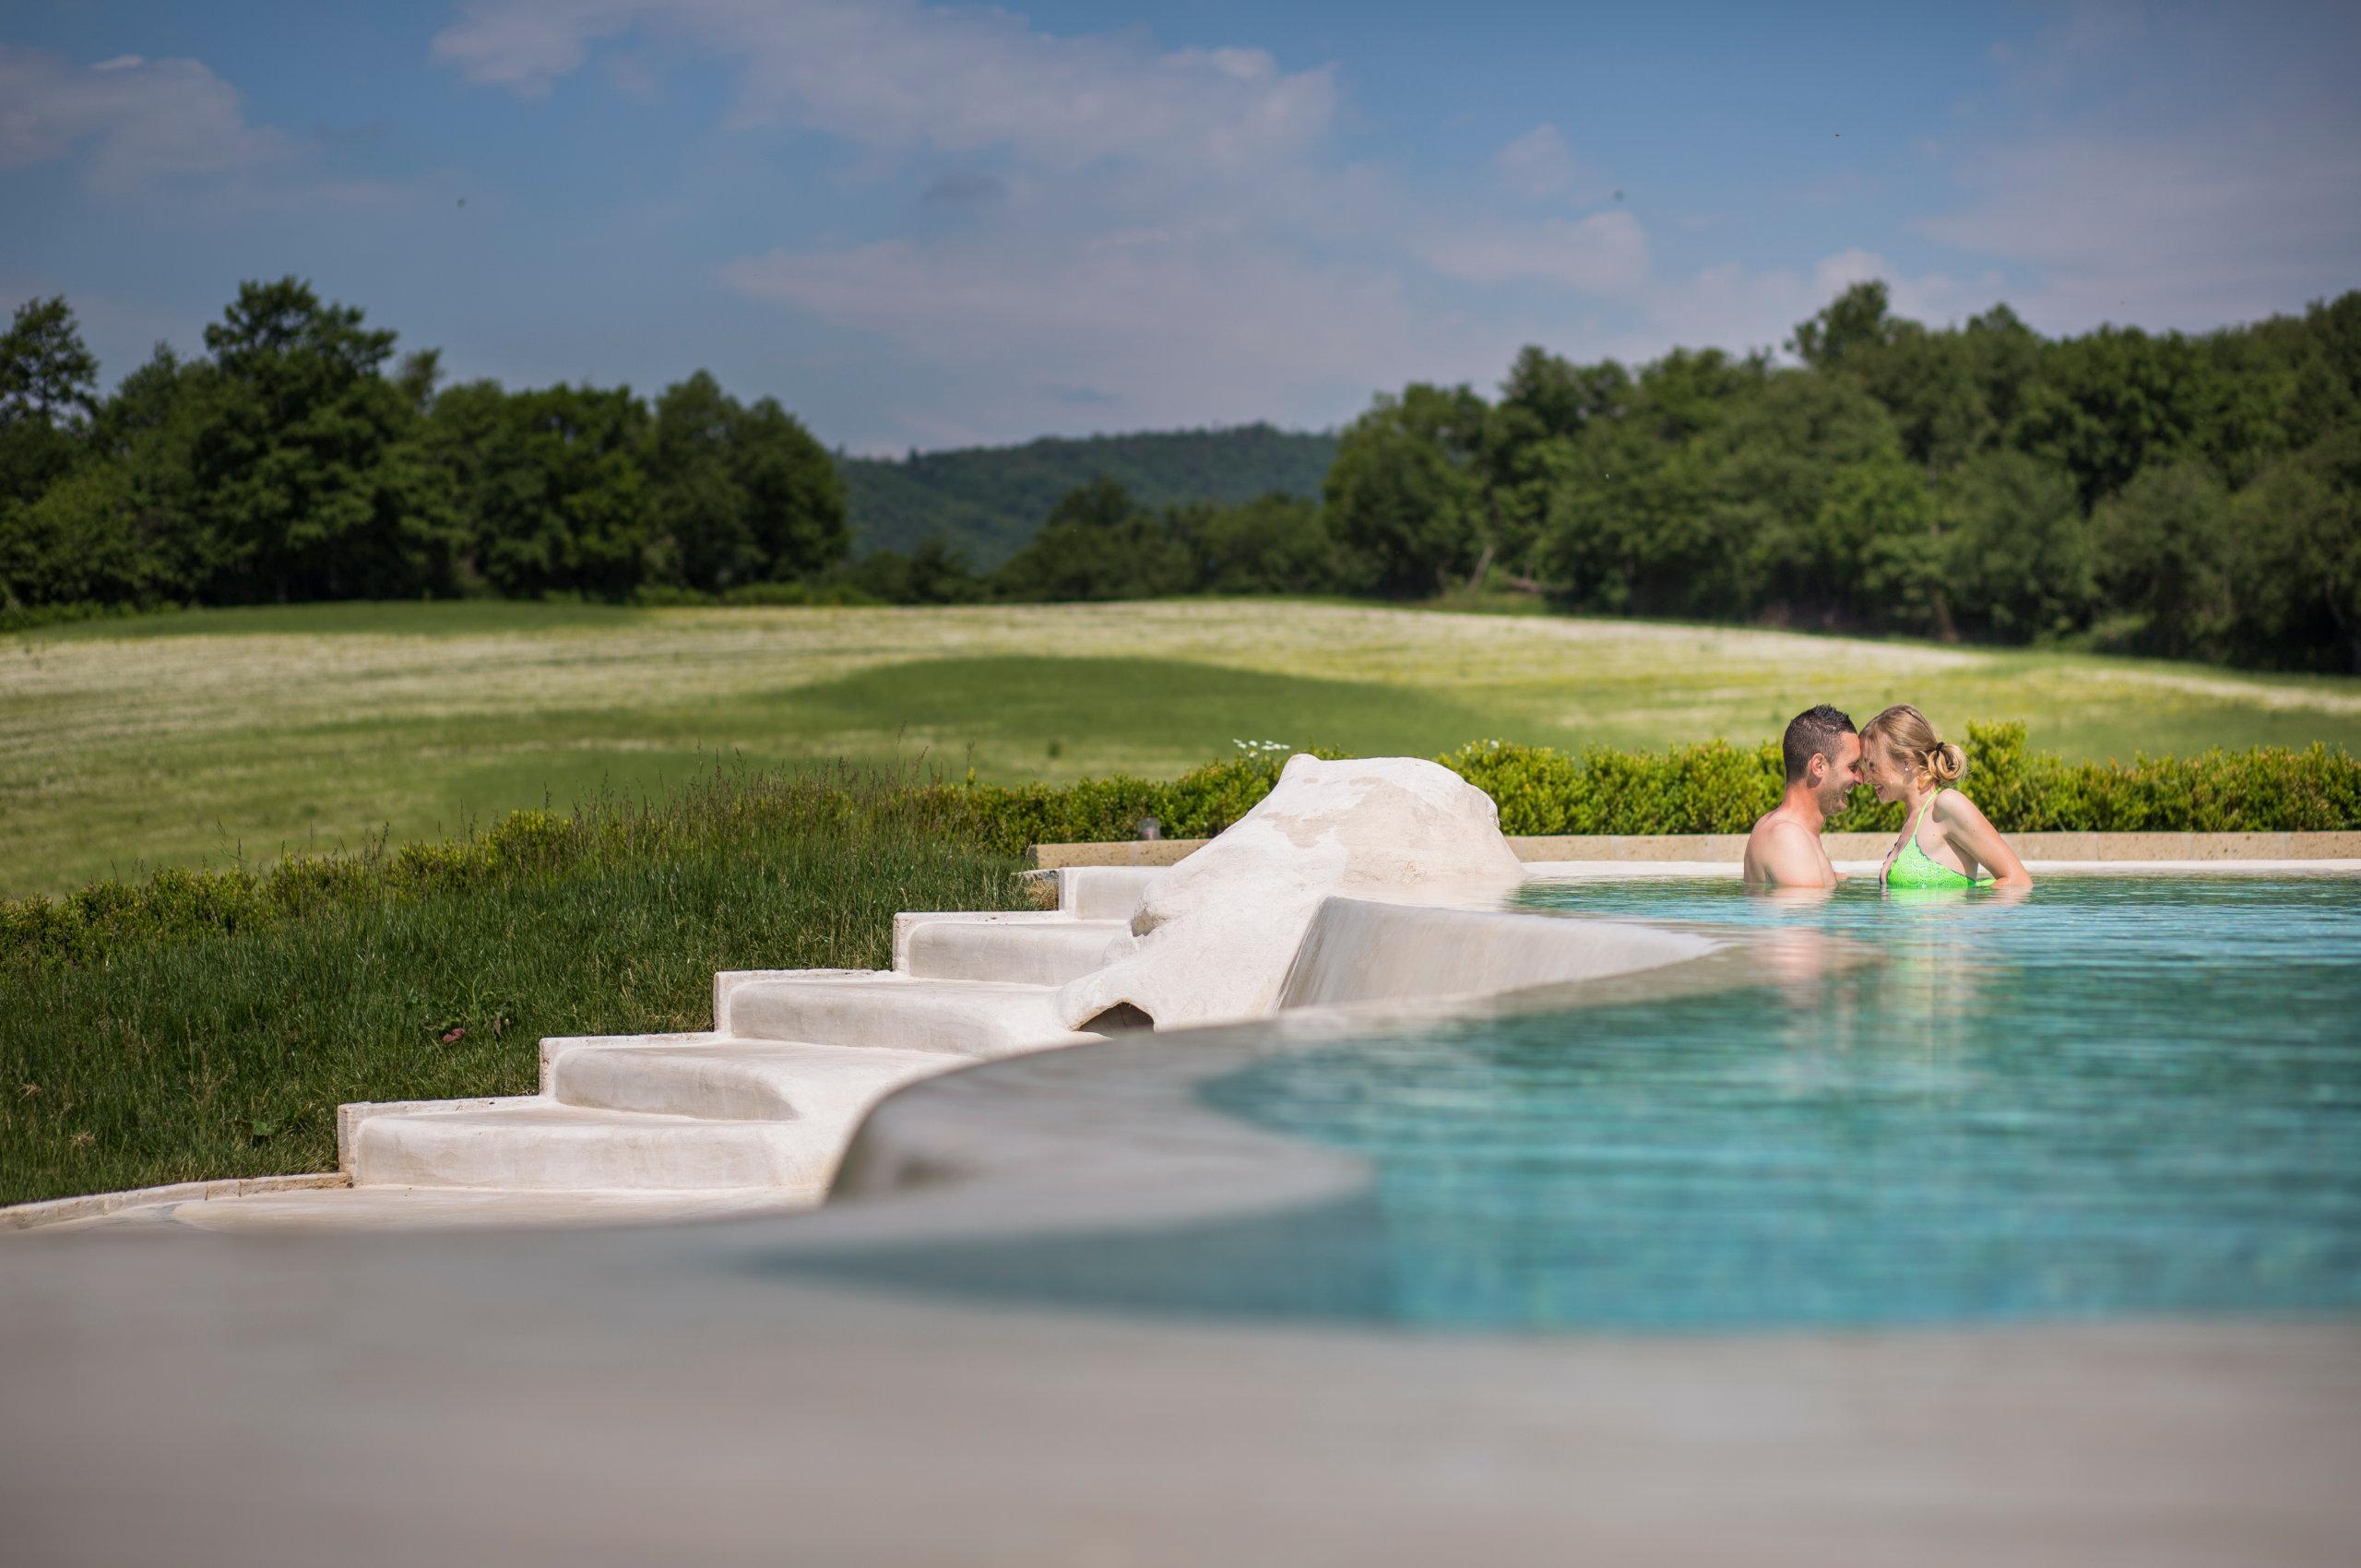 LGA_7818_relais_piscina